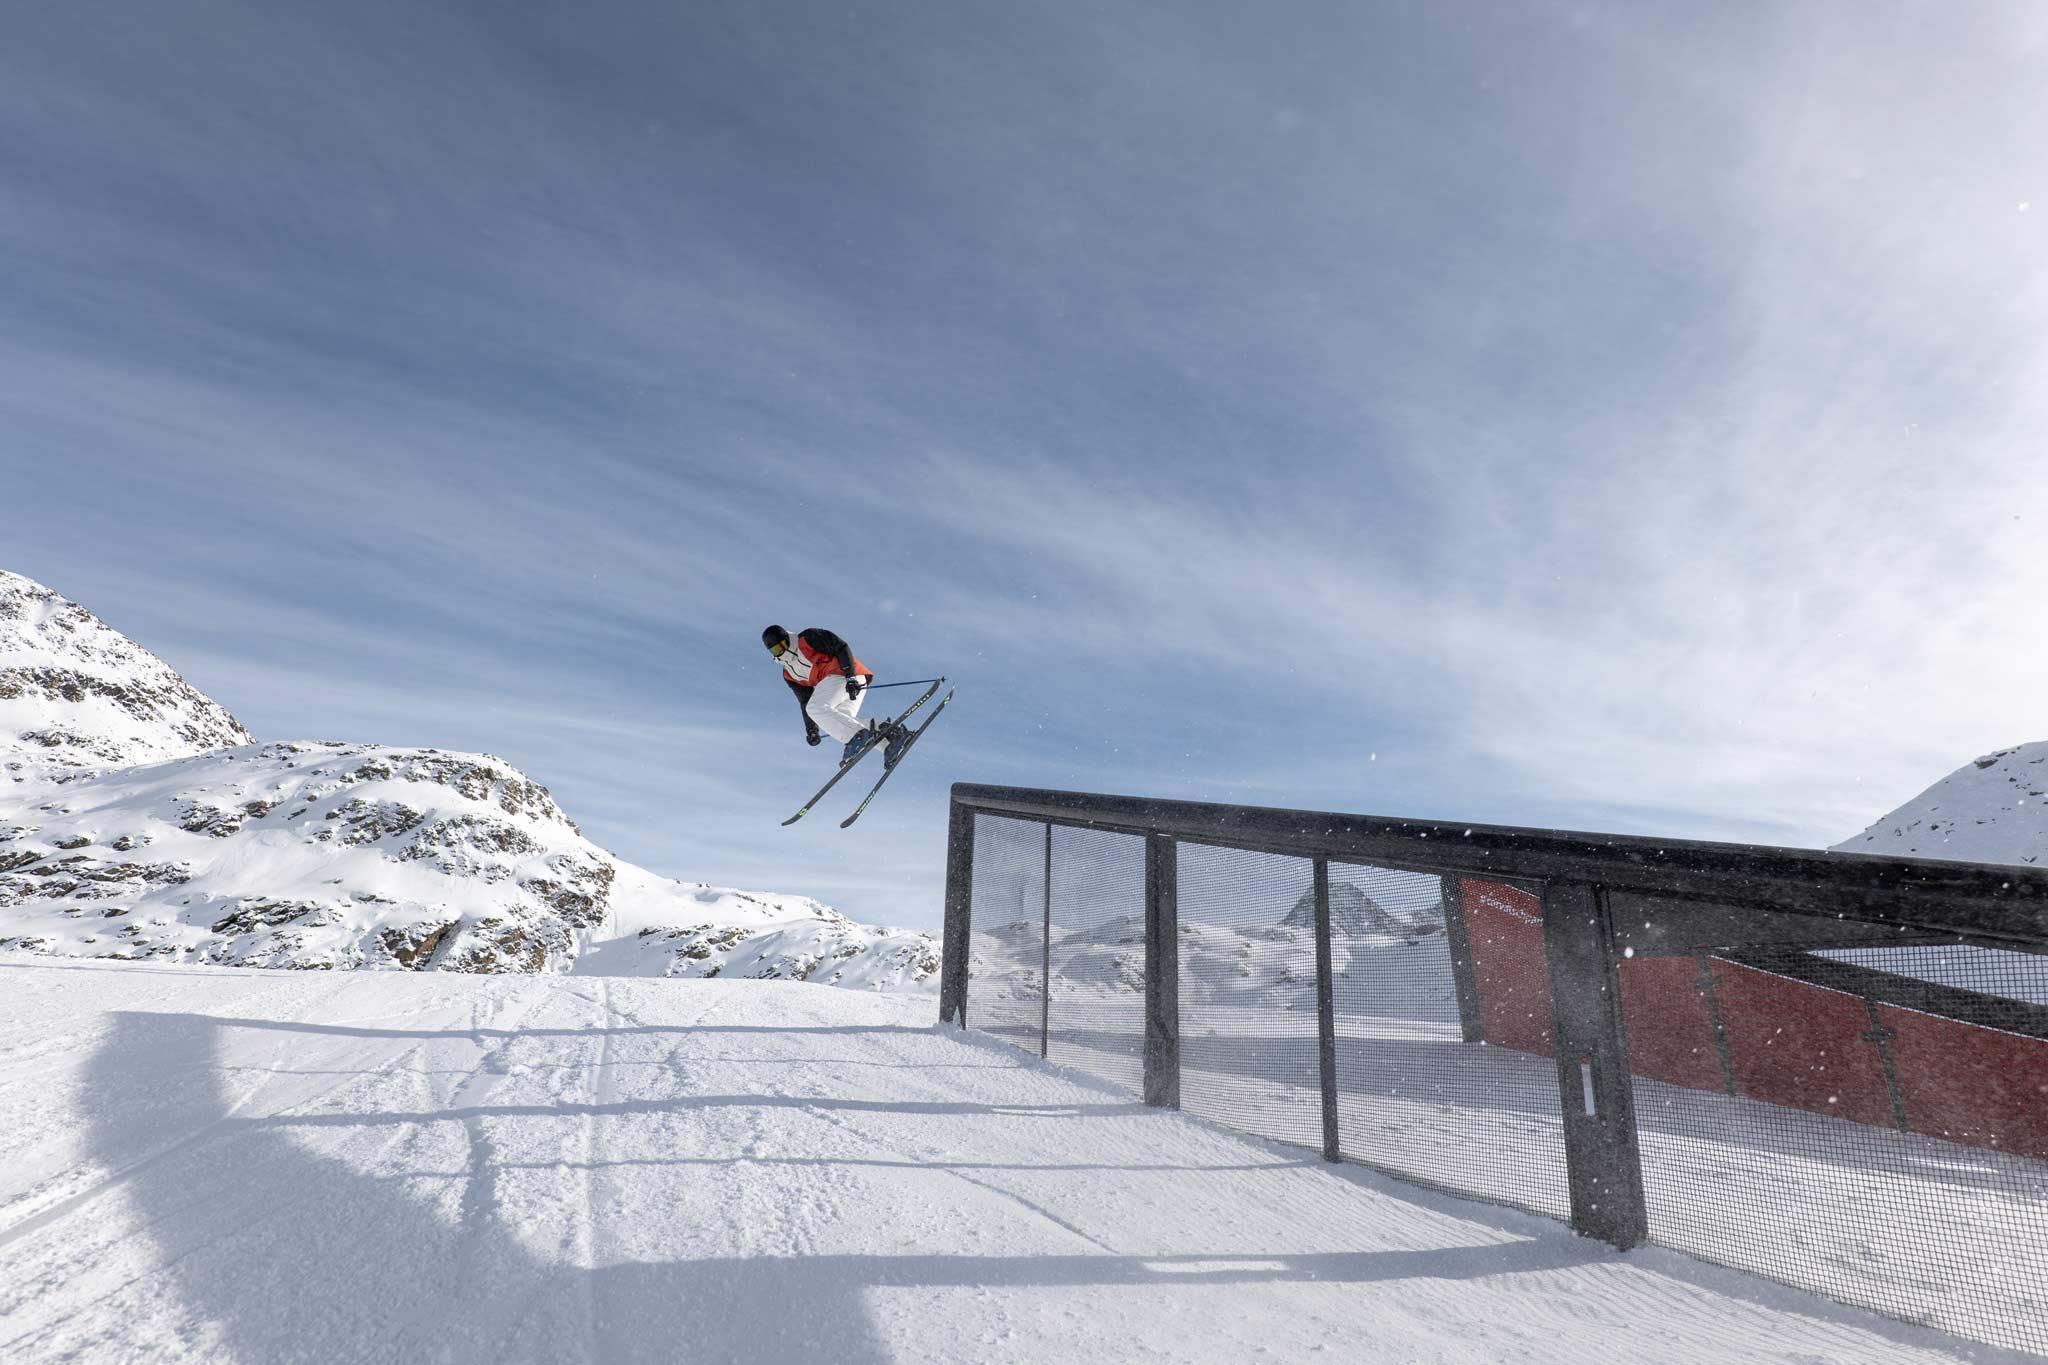 Neben vielen internationalen Freeskiern, war natürlich auch Andri Ragettli sowie der Rest des Swiss Freeski Nationalteams bei den Progression Days 2020 vor Ort. – Foto: Fabian Gattlen